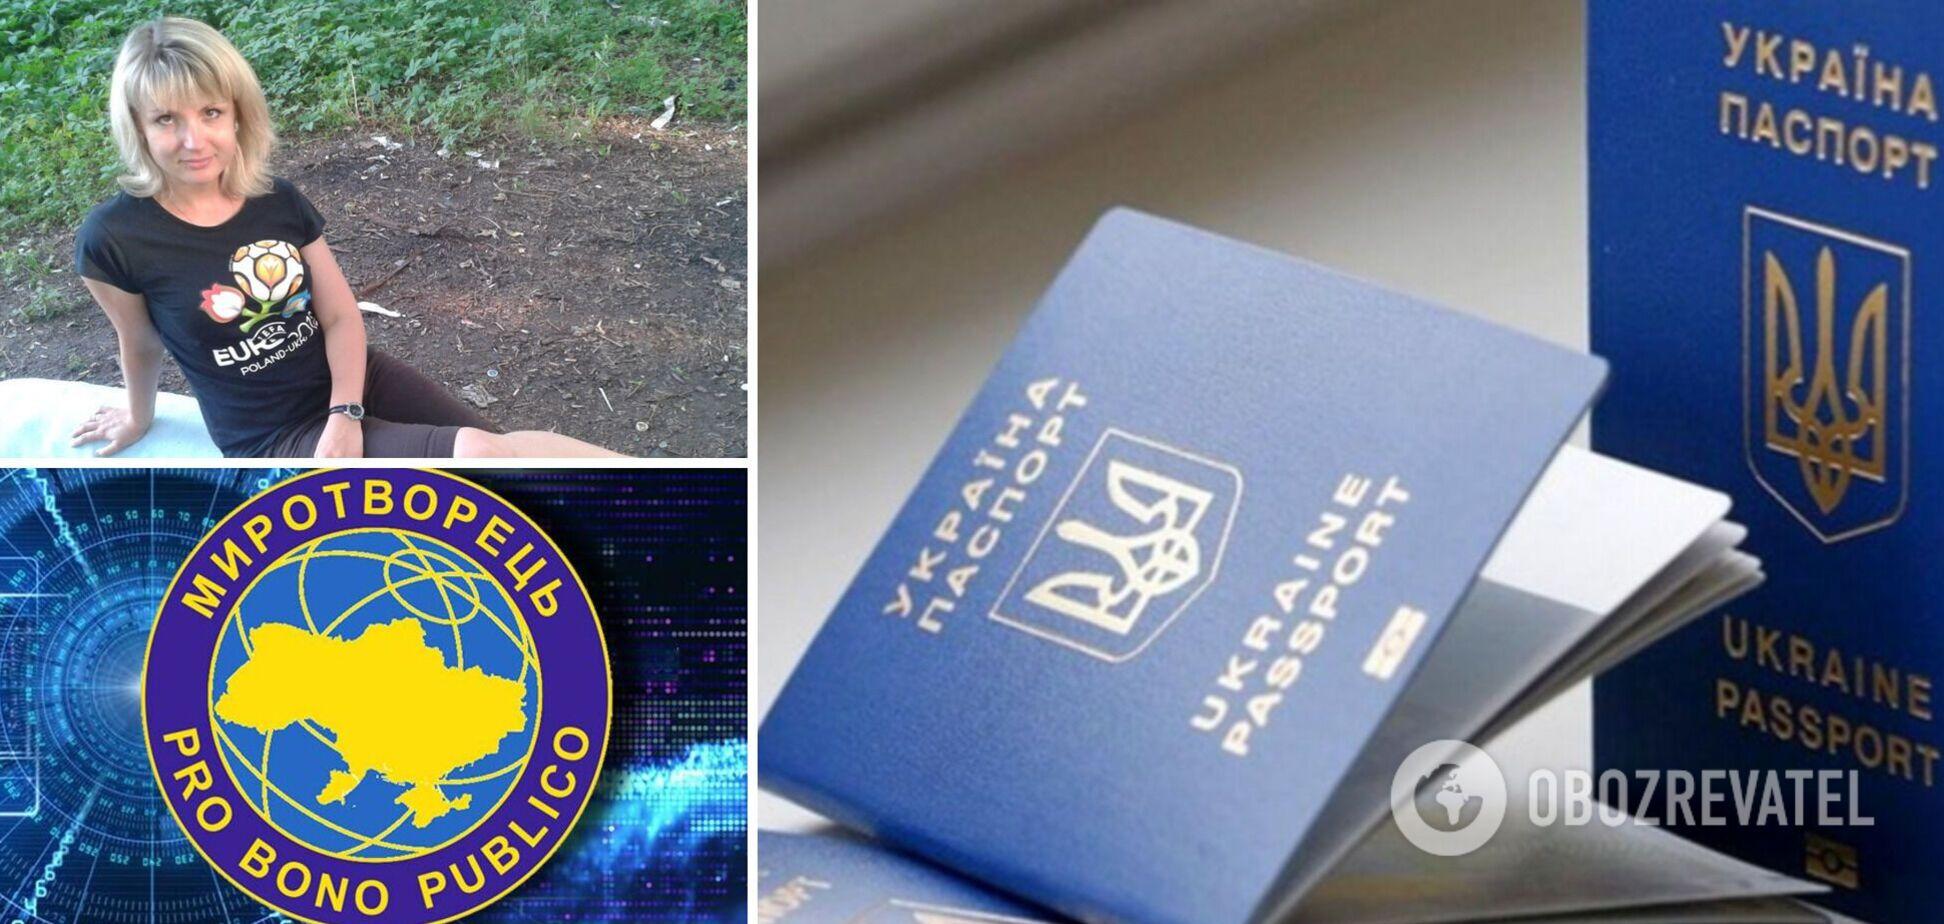 Женщина, выбросившая в аэропорту украинские паспорта, попала в базу 'Миротворца'. Фото